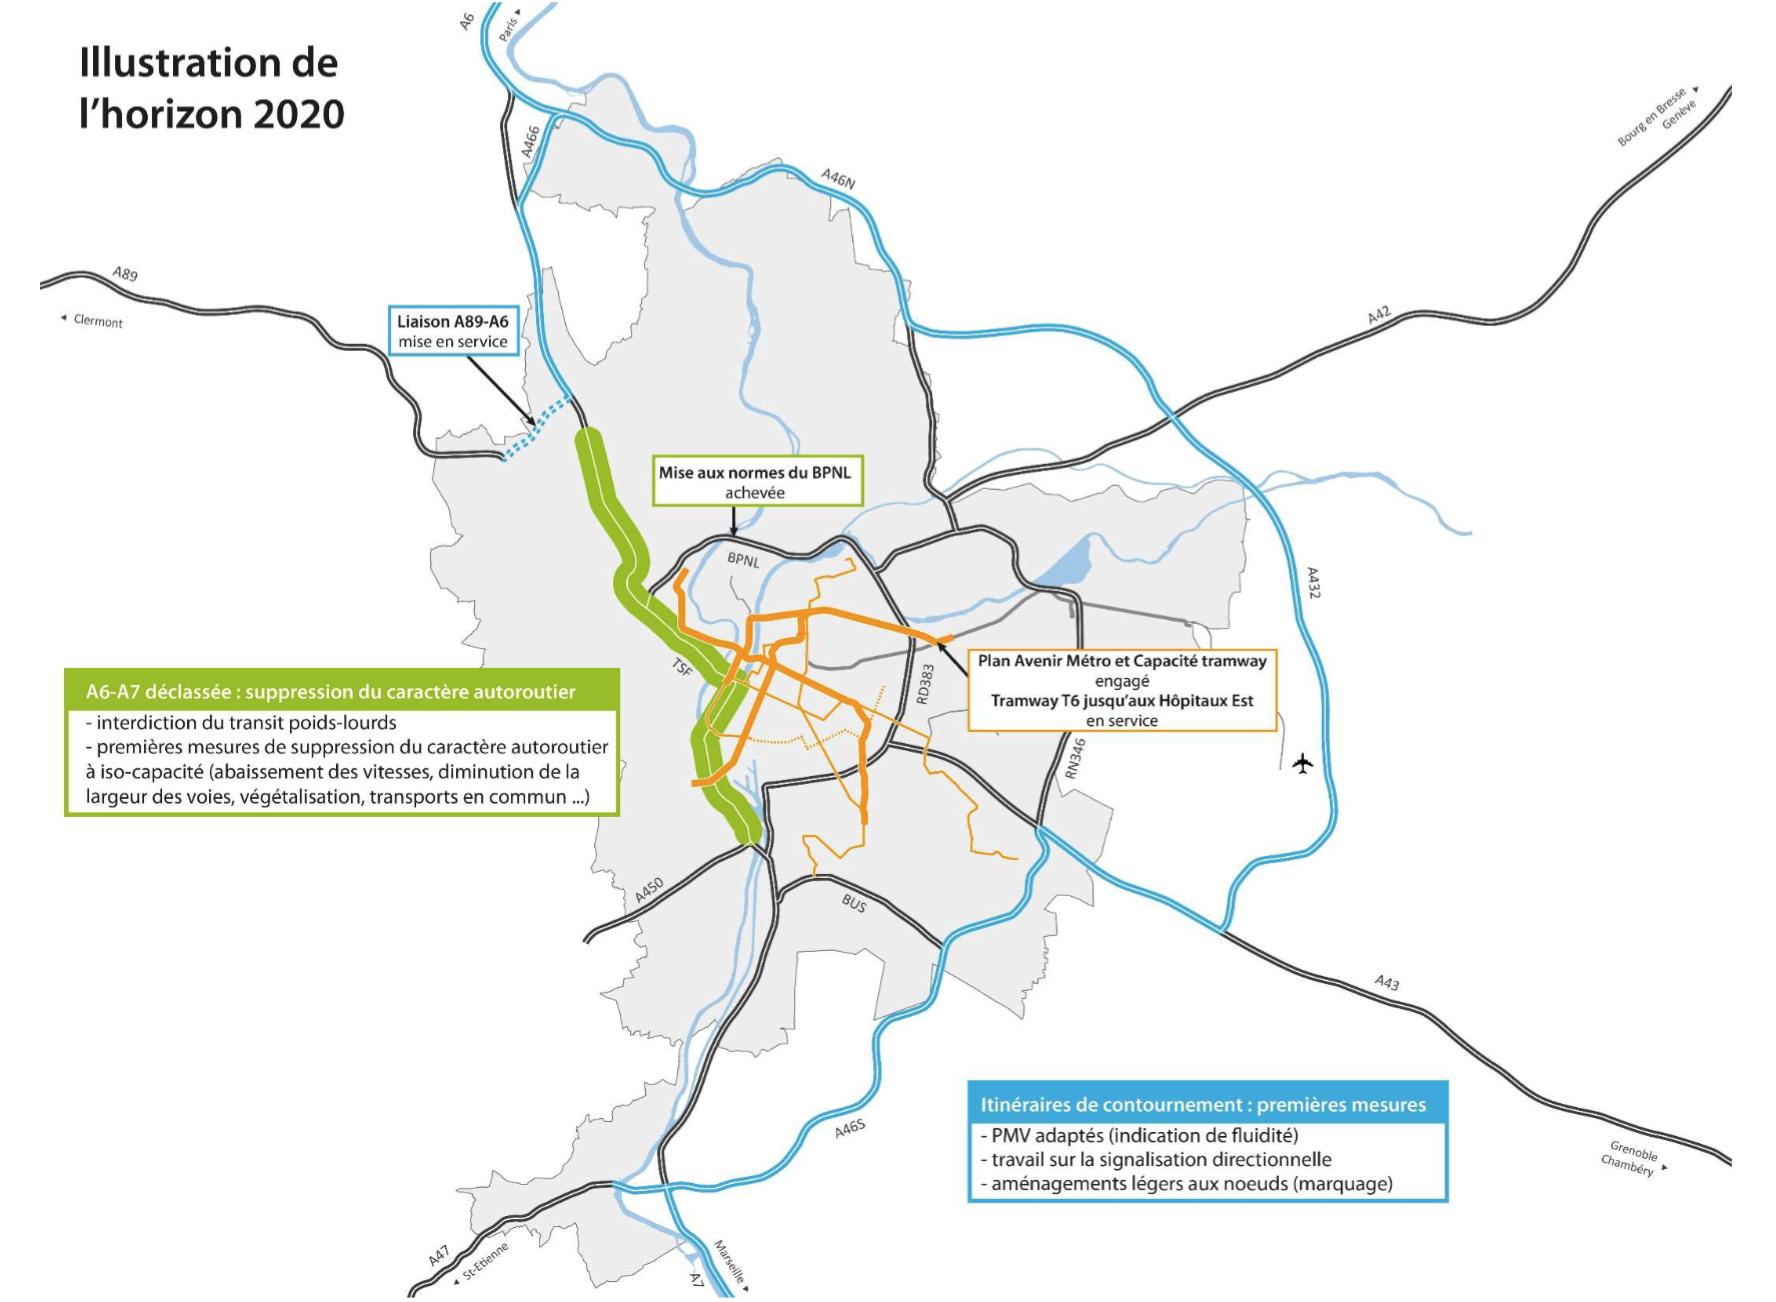 Horizon 2020-Déclassement A6 A7 - Fédération UDI Métropole de Lyon